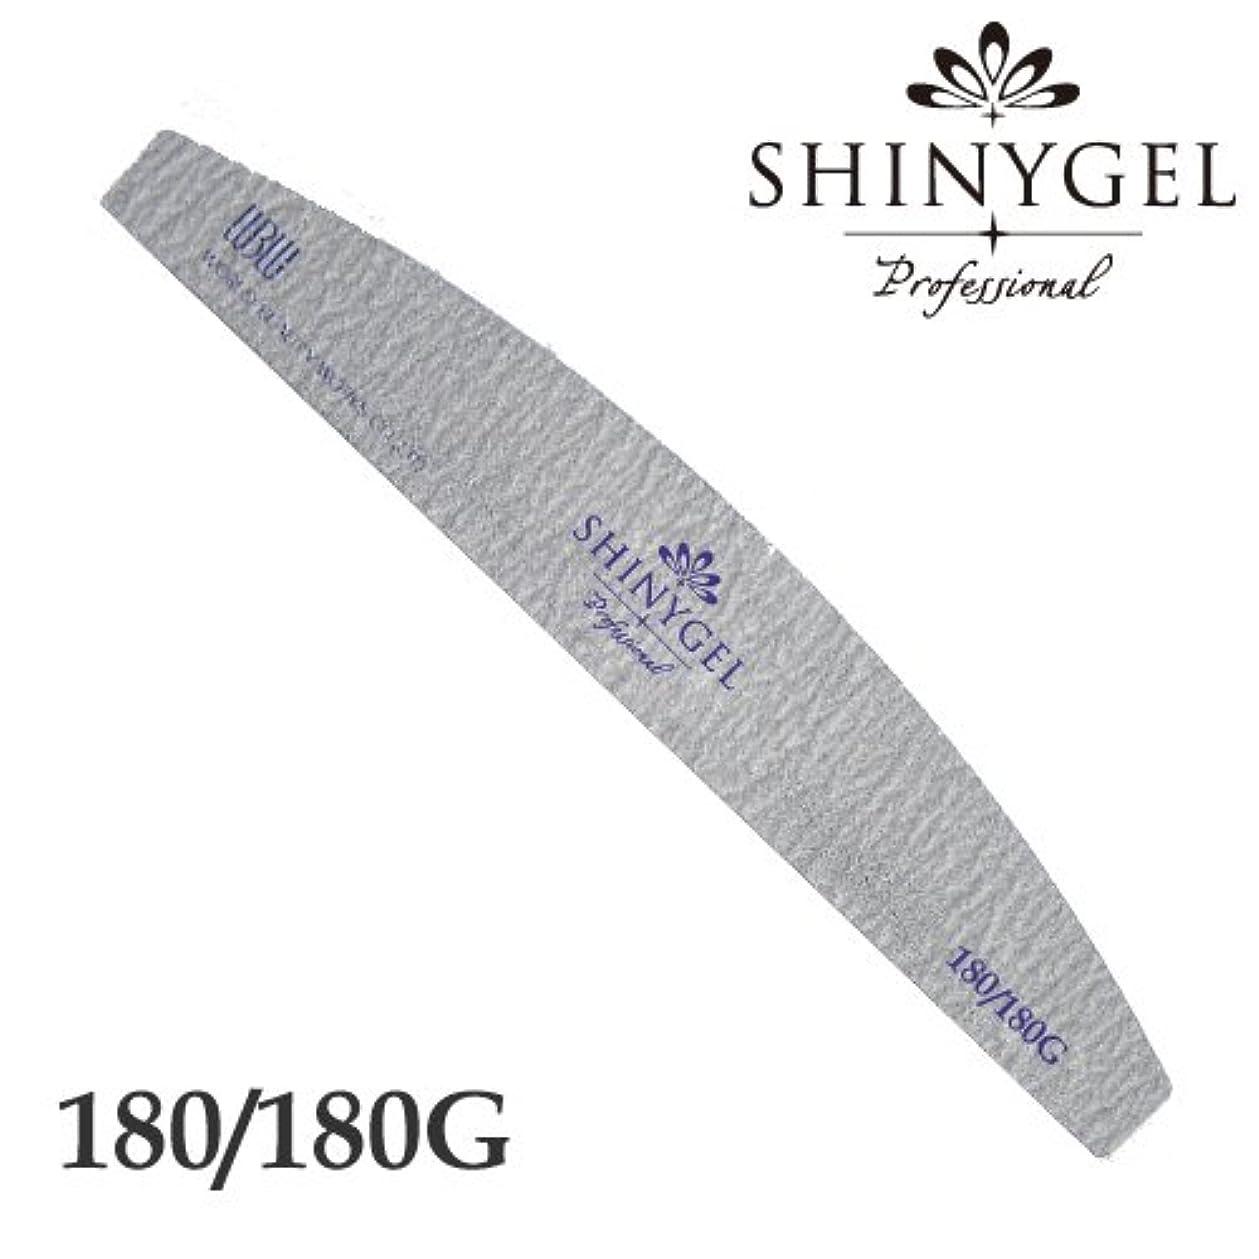 予測するジャンプする秘密のSHINYGEL Professional シャイニージェルプロフェッショナル ゼブラファイル ホワイト(アーチ型) 180/180G ジェルネイル 爪やすり